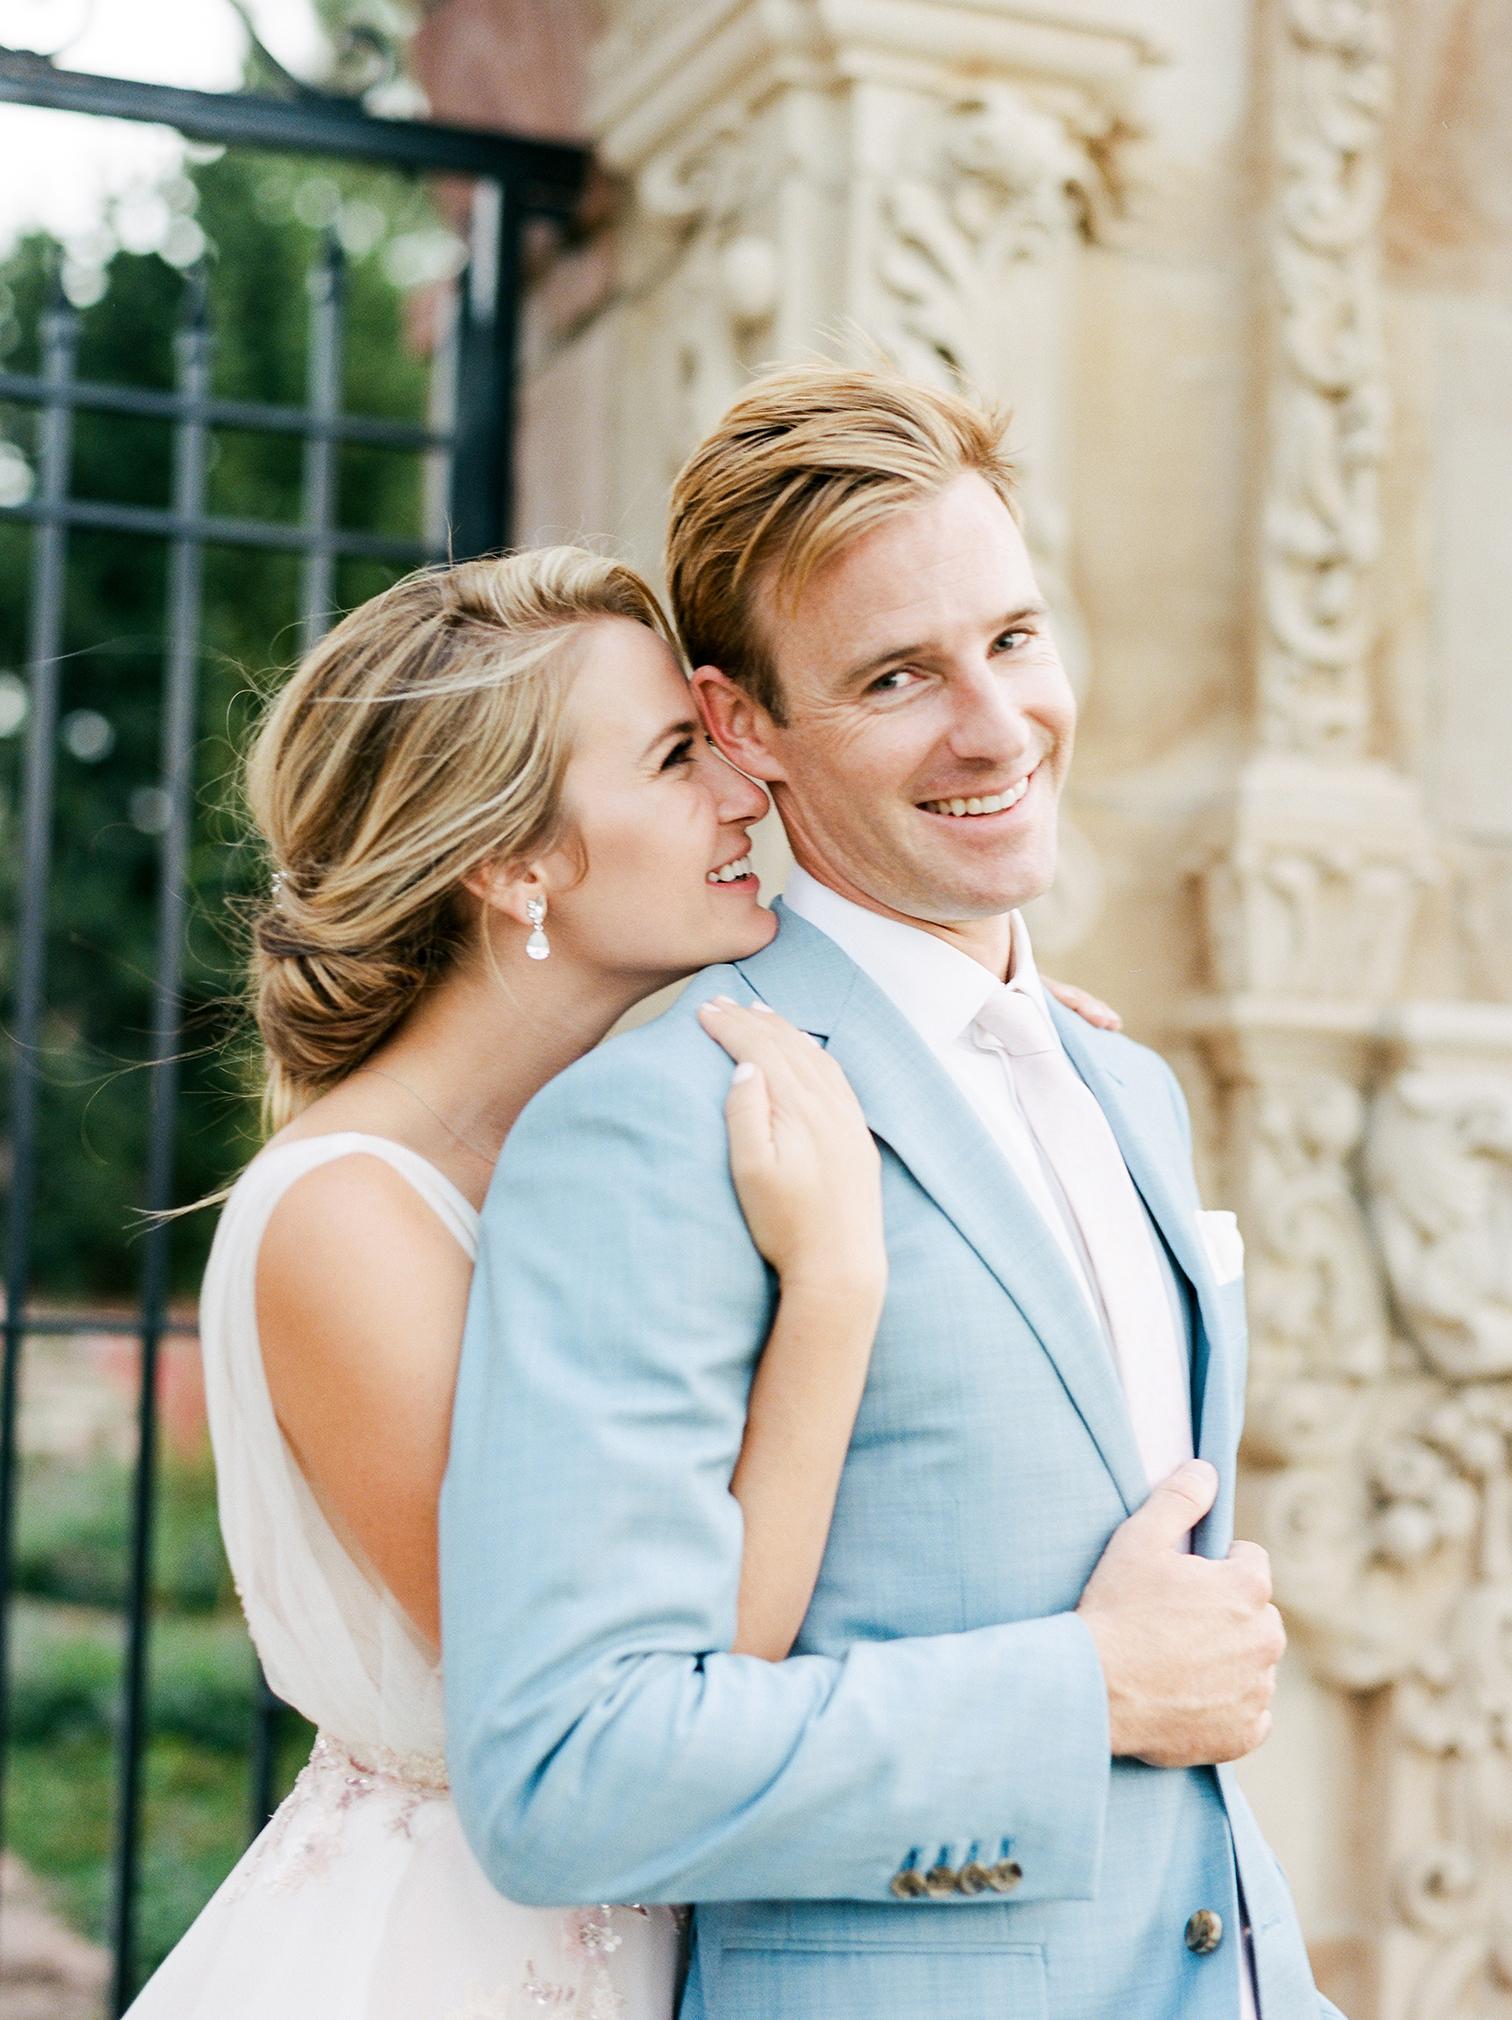 Colorado Wedding Photographers, Bride Groom Wedding Portraits, Summer weddings in Colorado, Denver photographers